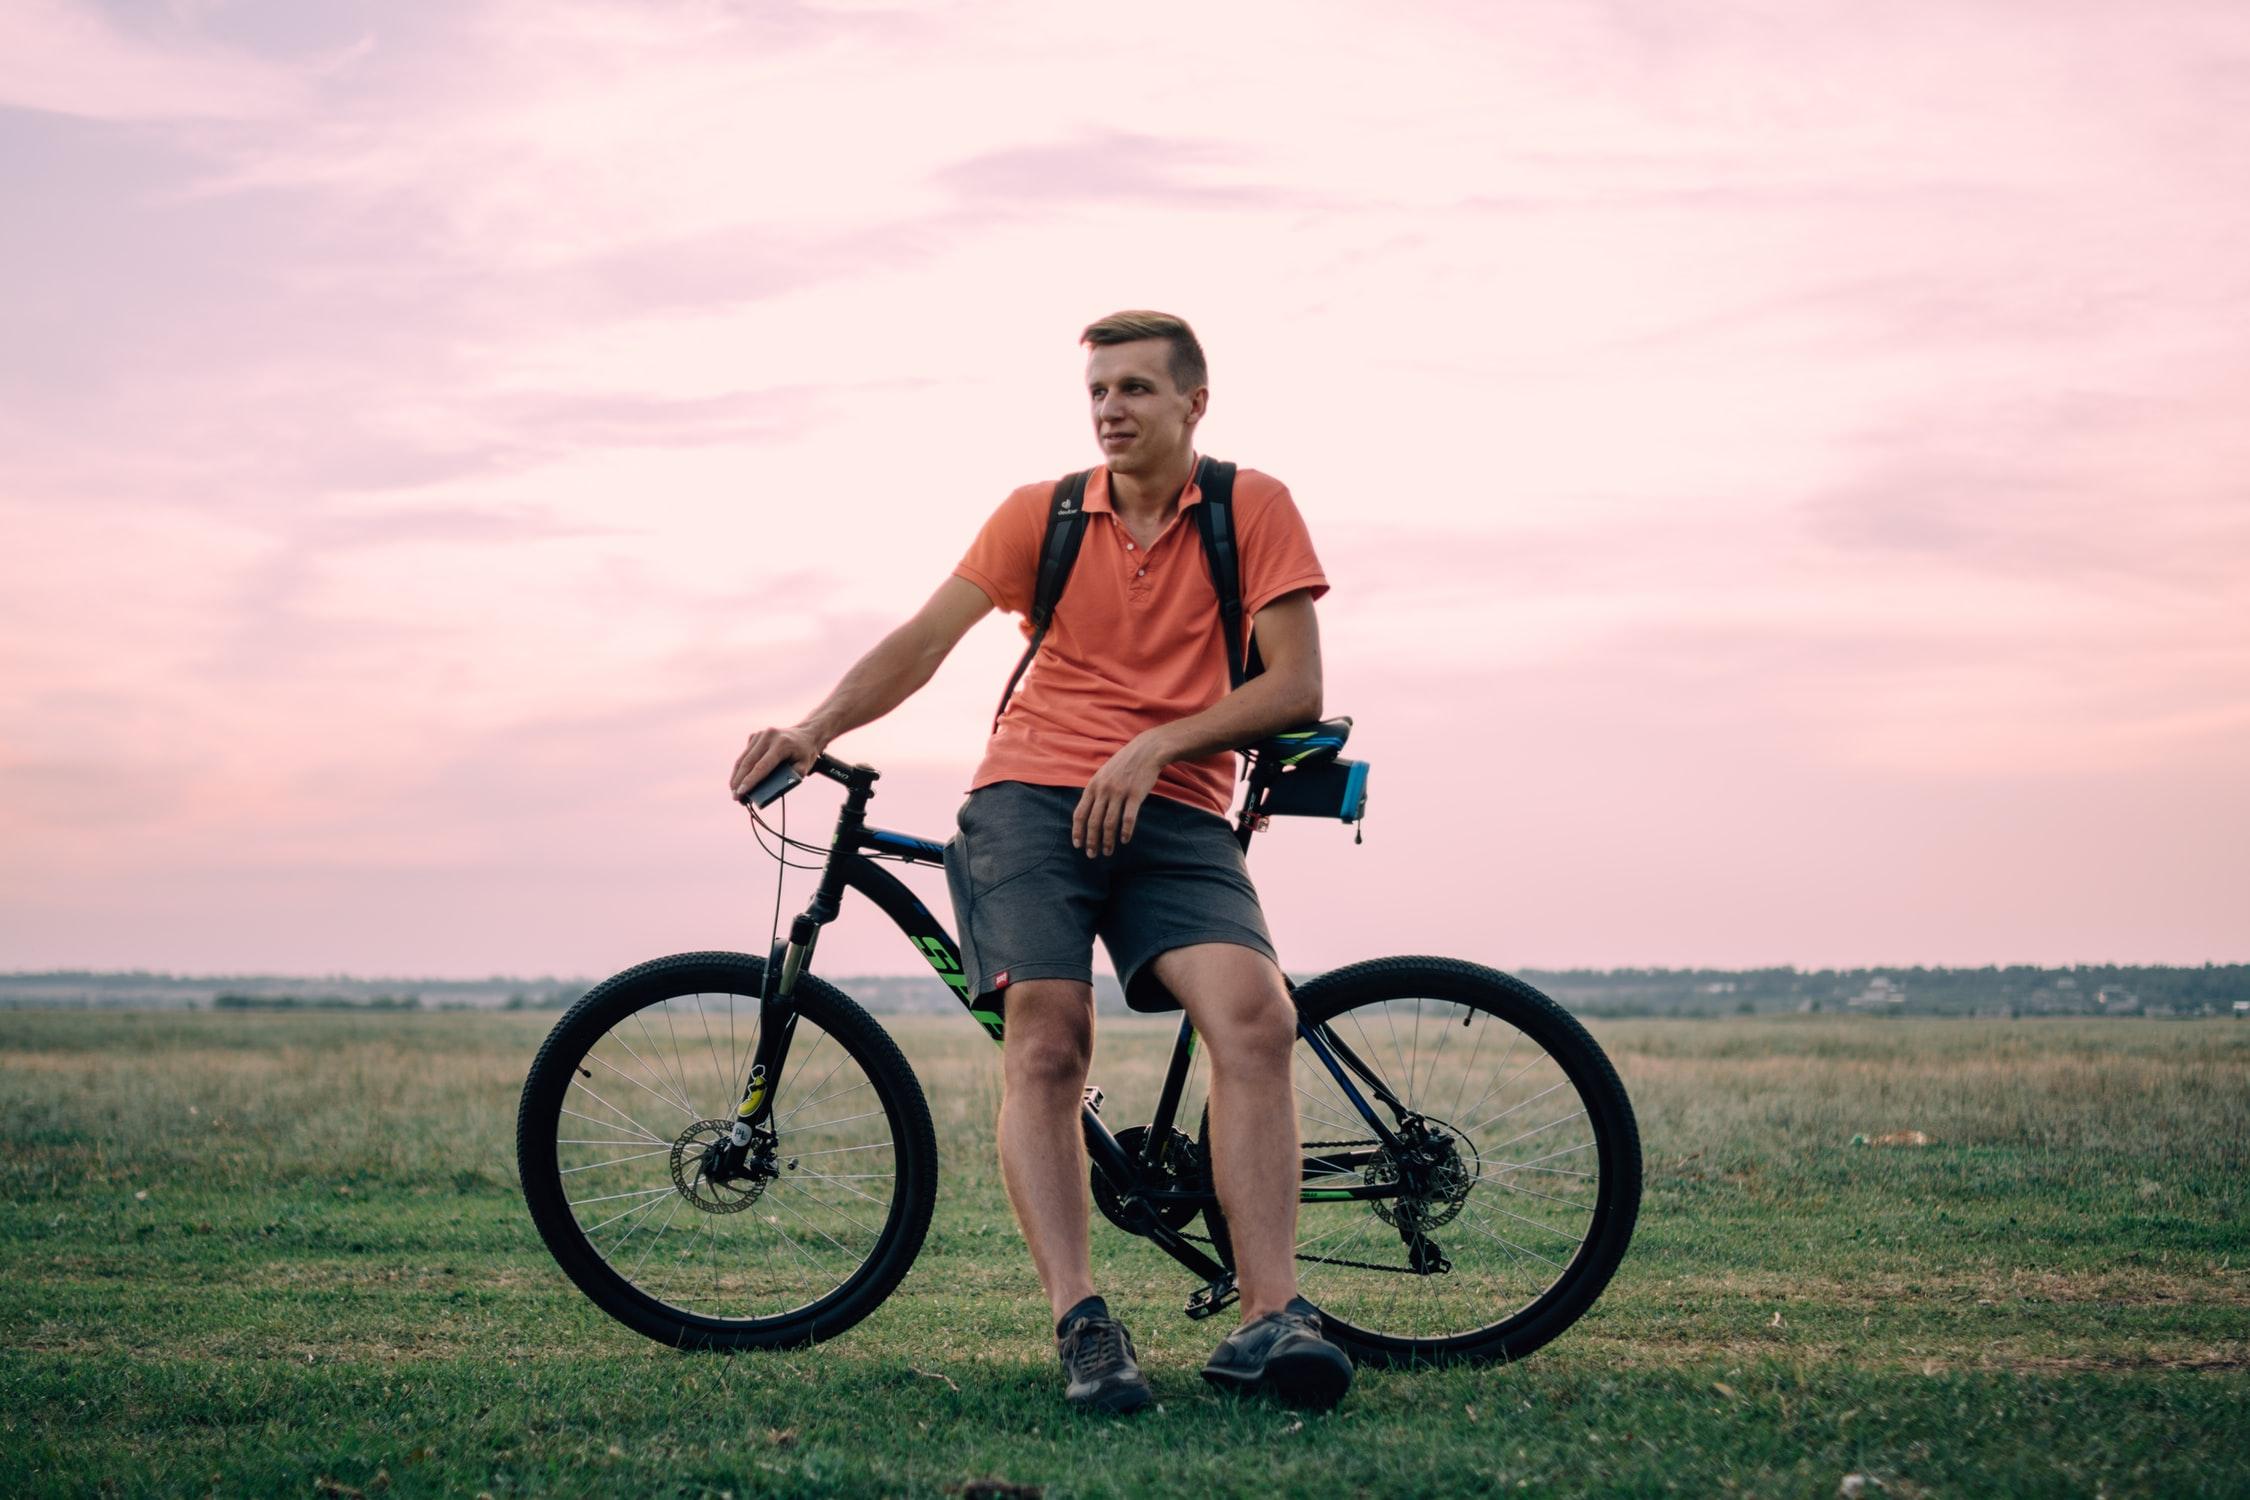 なんJ民「サイクリングは痩せるぞ!」←なお一時間当たりの消費カロリーwwwxwwwxwww